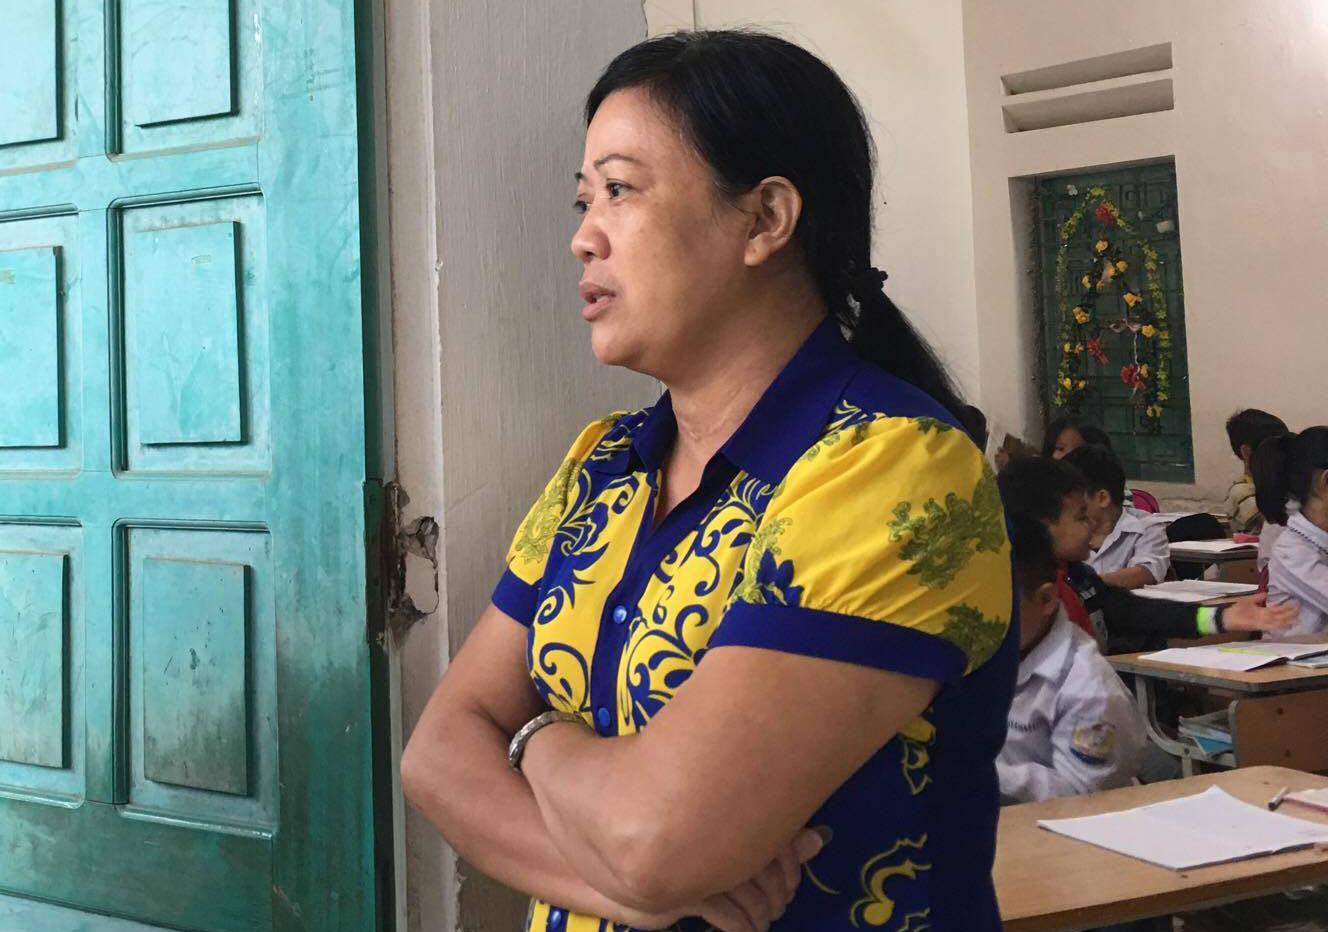 Cô giáo kể lại phút giáp mặt với tên trộm chó đang bị dân đuổi bắt - 1